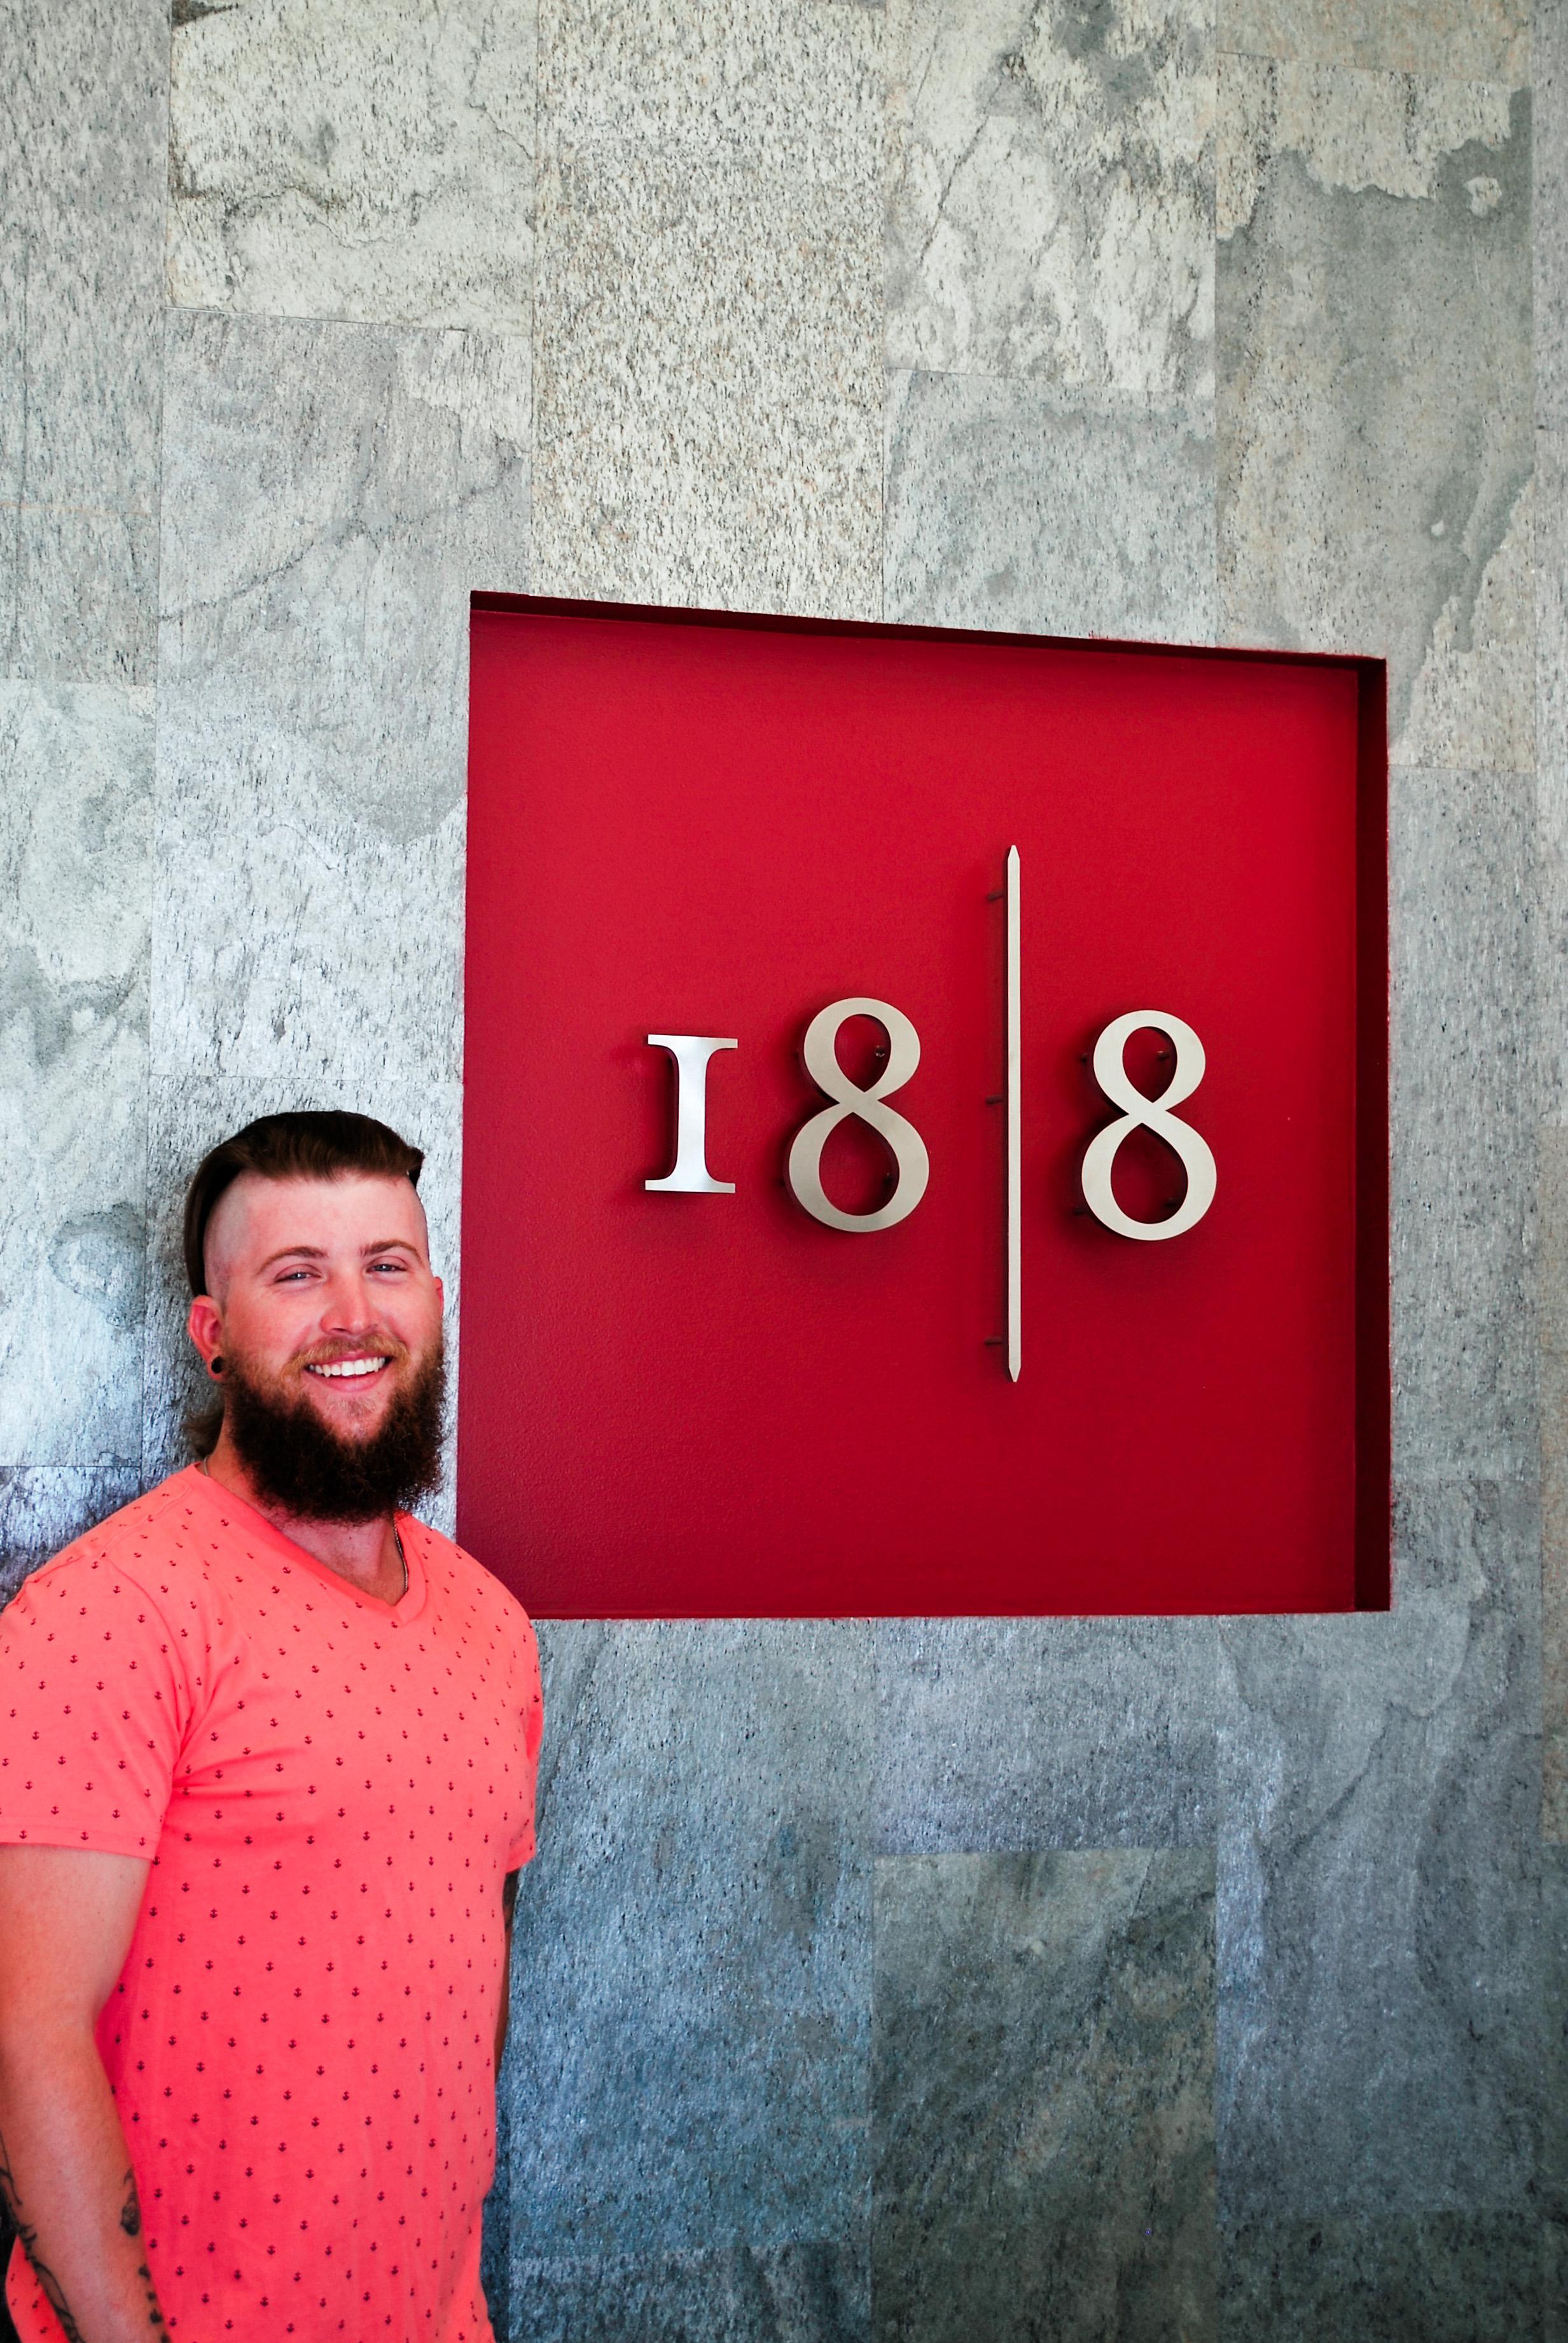 18 8 baybrook passage, hair treatements, men's salon, houston blogger, style blog, fashion blogger, houston salon